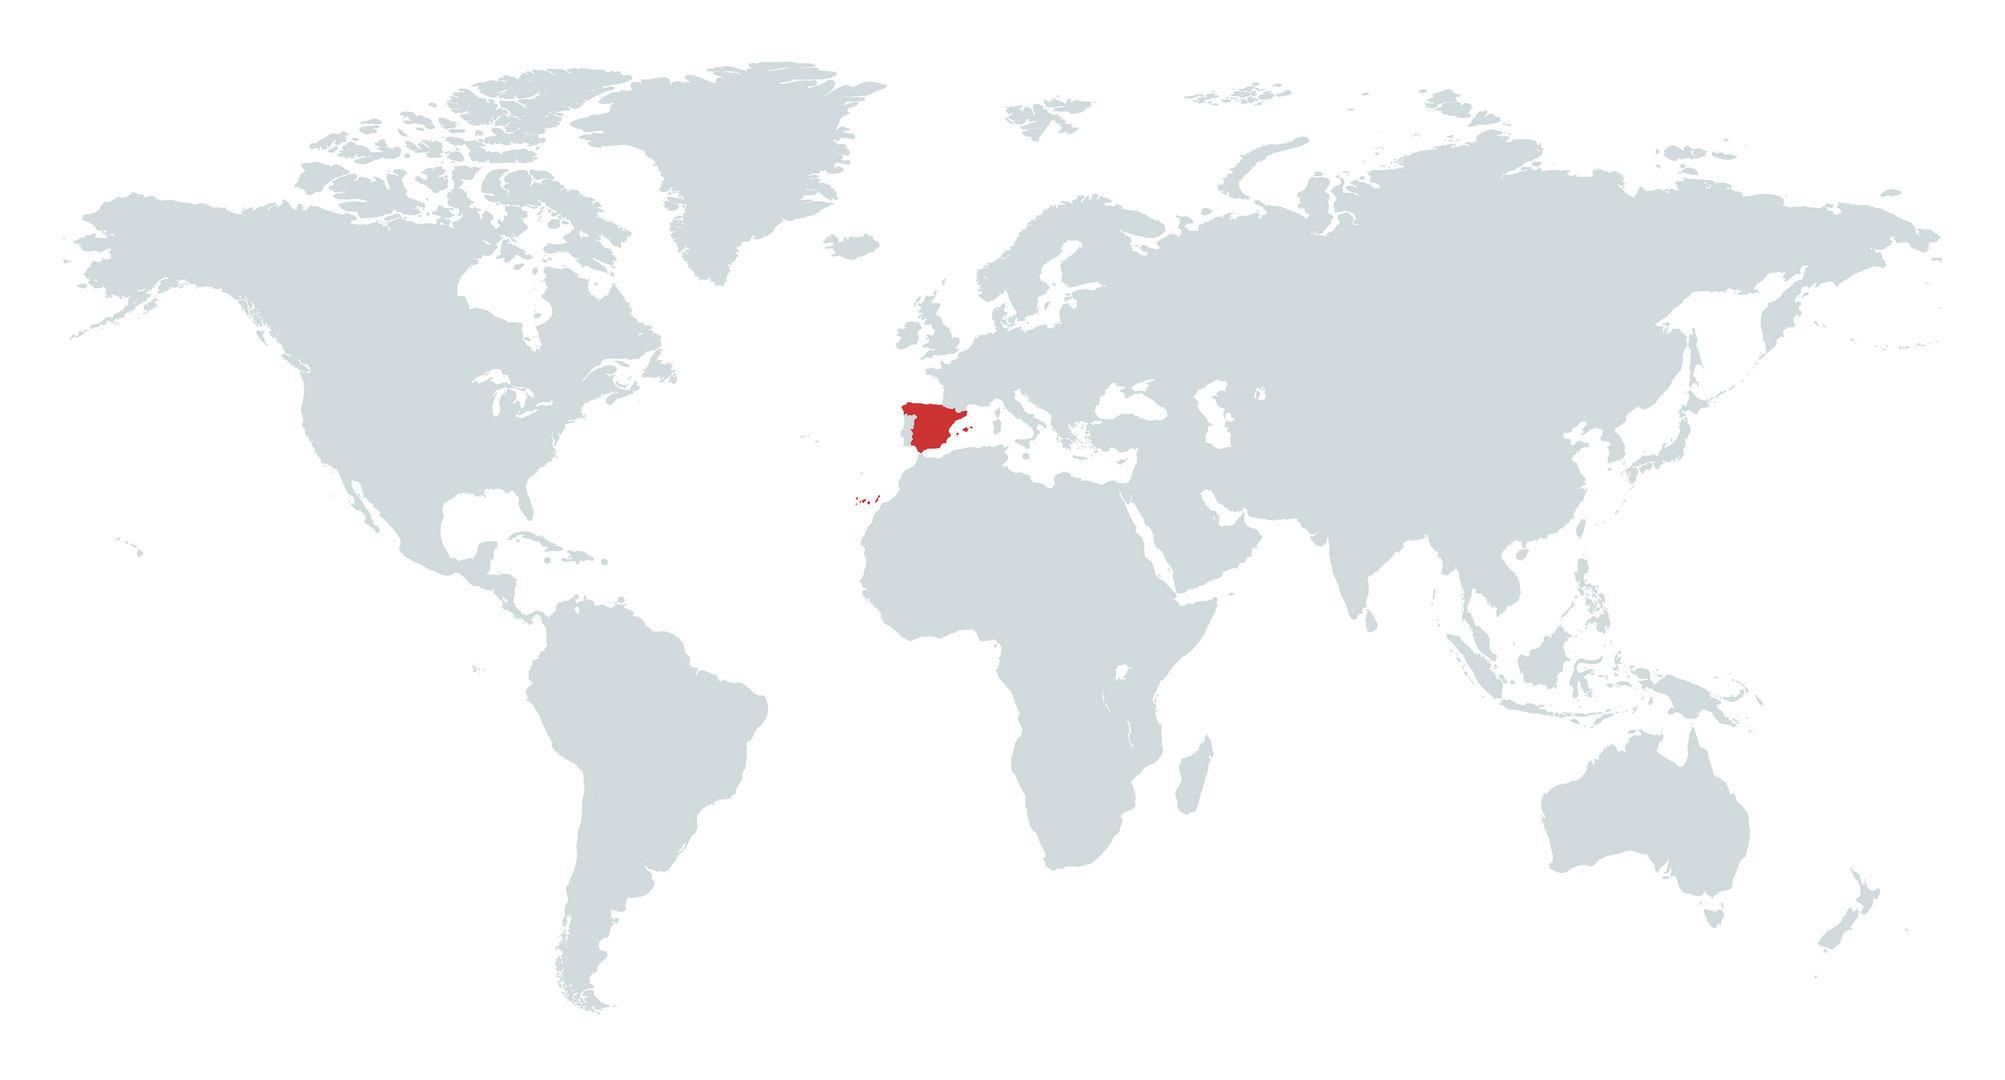 Mapa de Espanha no Mundo